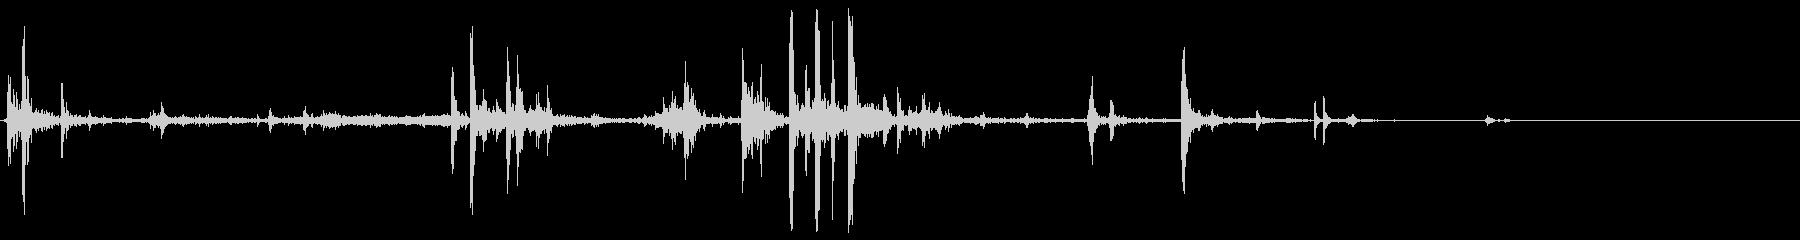 クリッキーメタルスクレープ、フォリーの未再生の波形